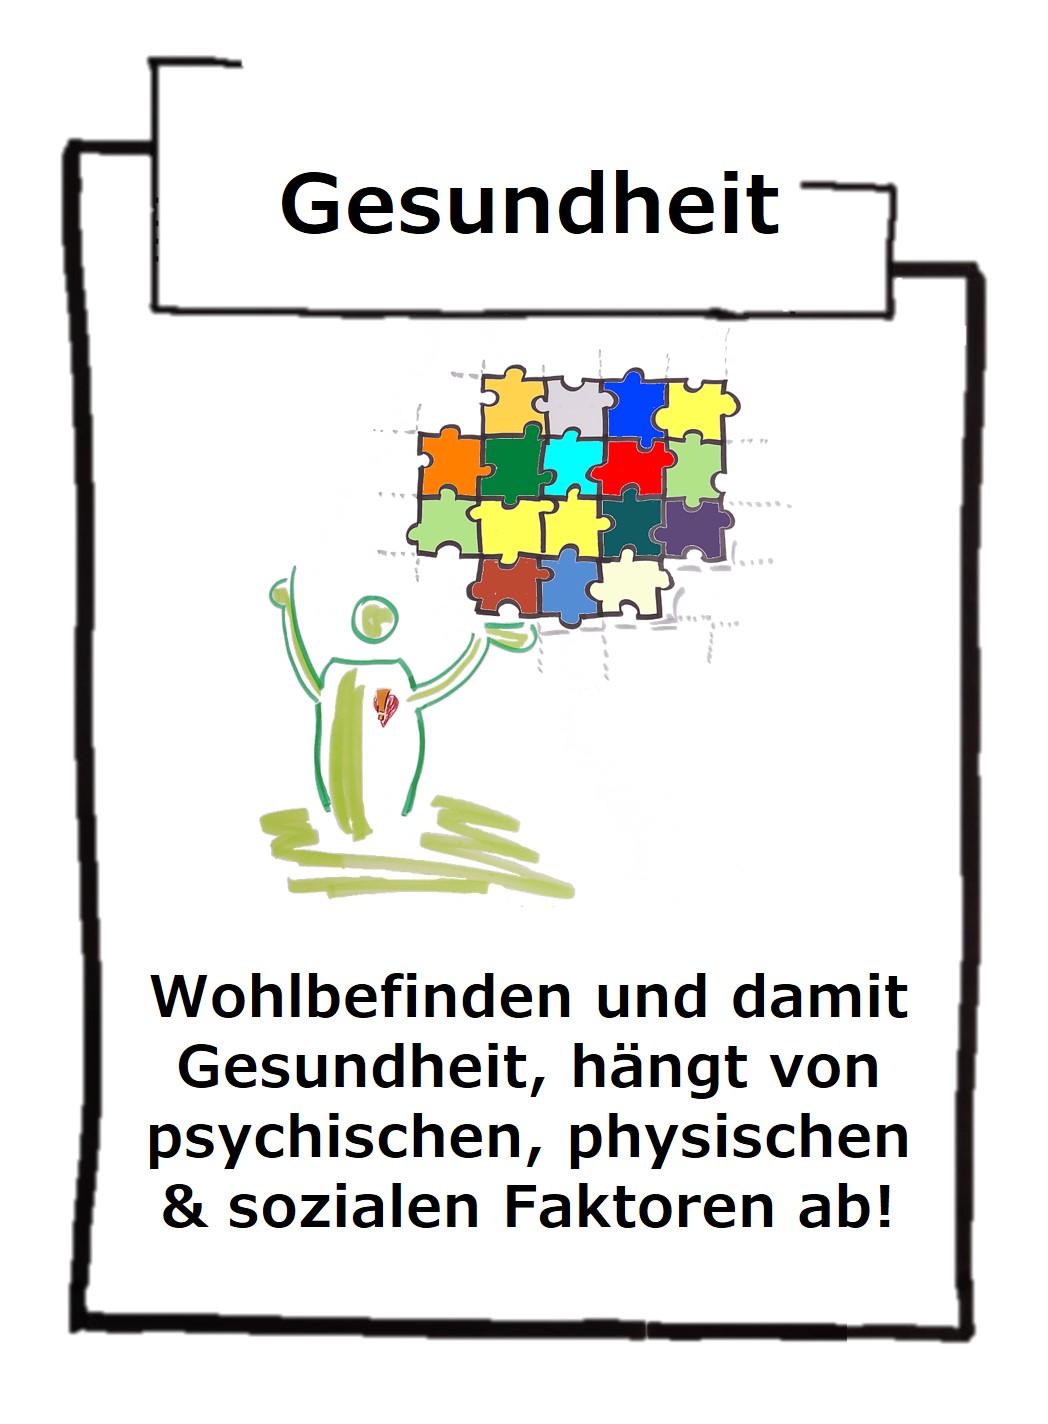 Gesundheit ist psychisches und physisches Wohlbefinden - dafür braucht es Kenntnis über sich selbst!